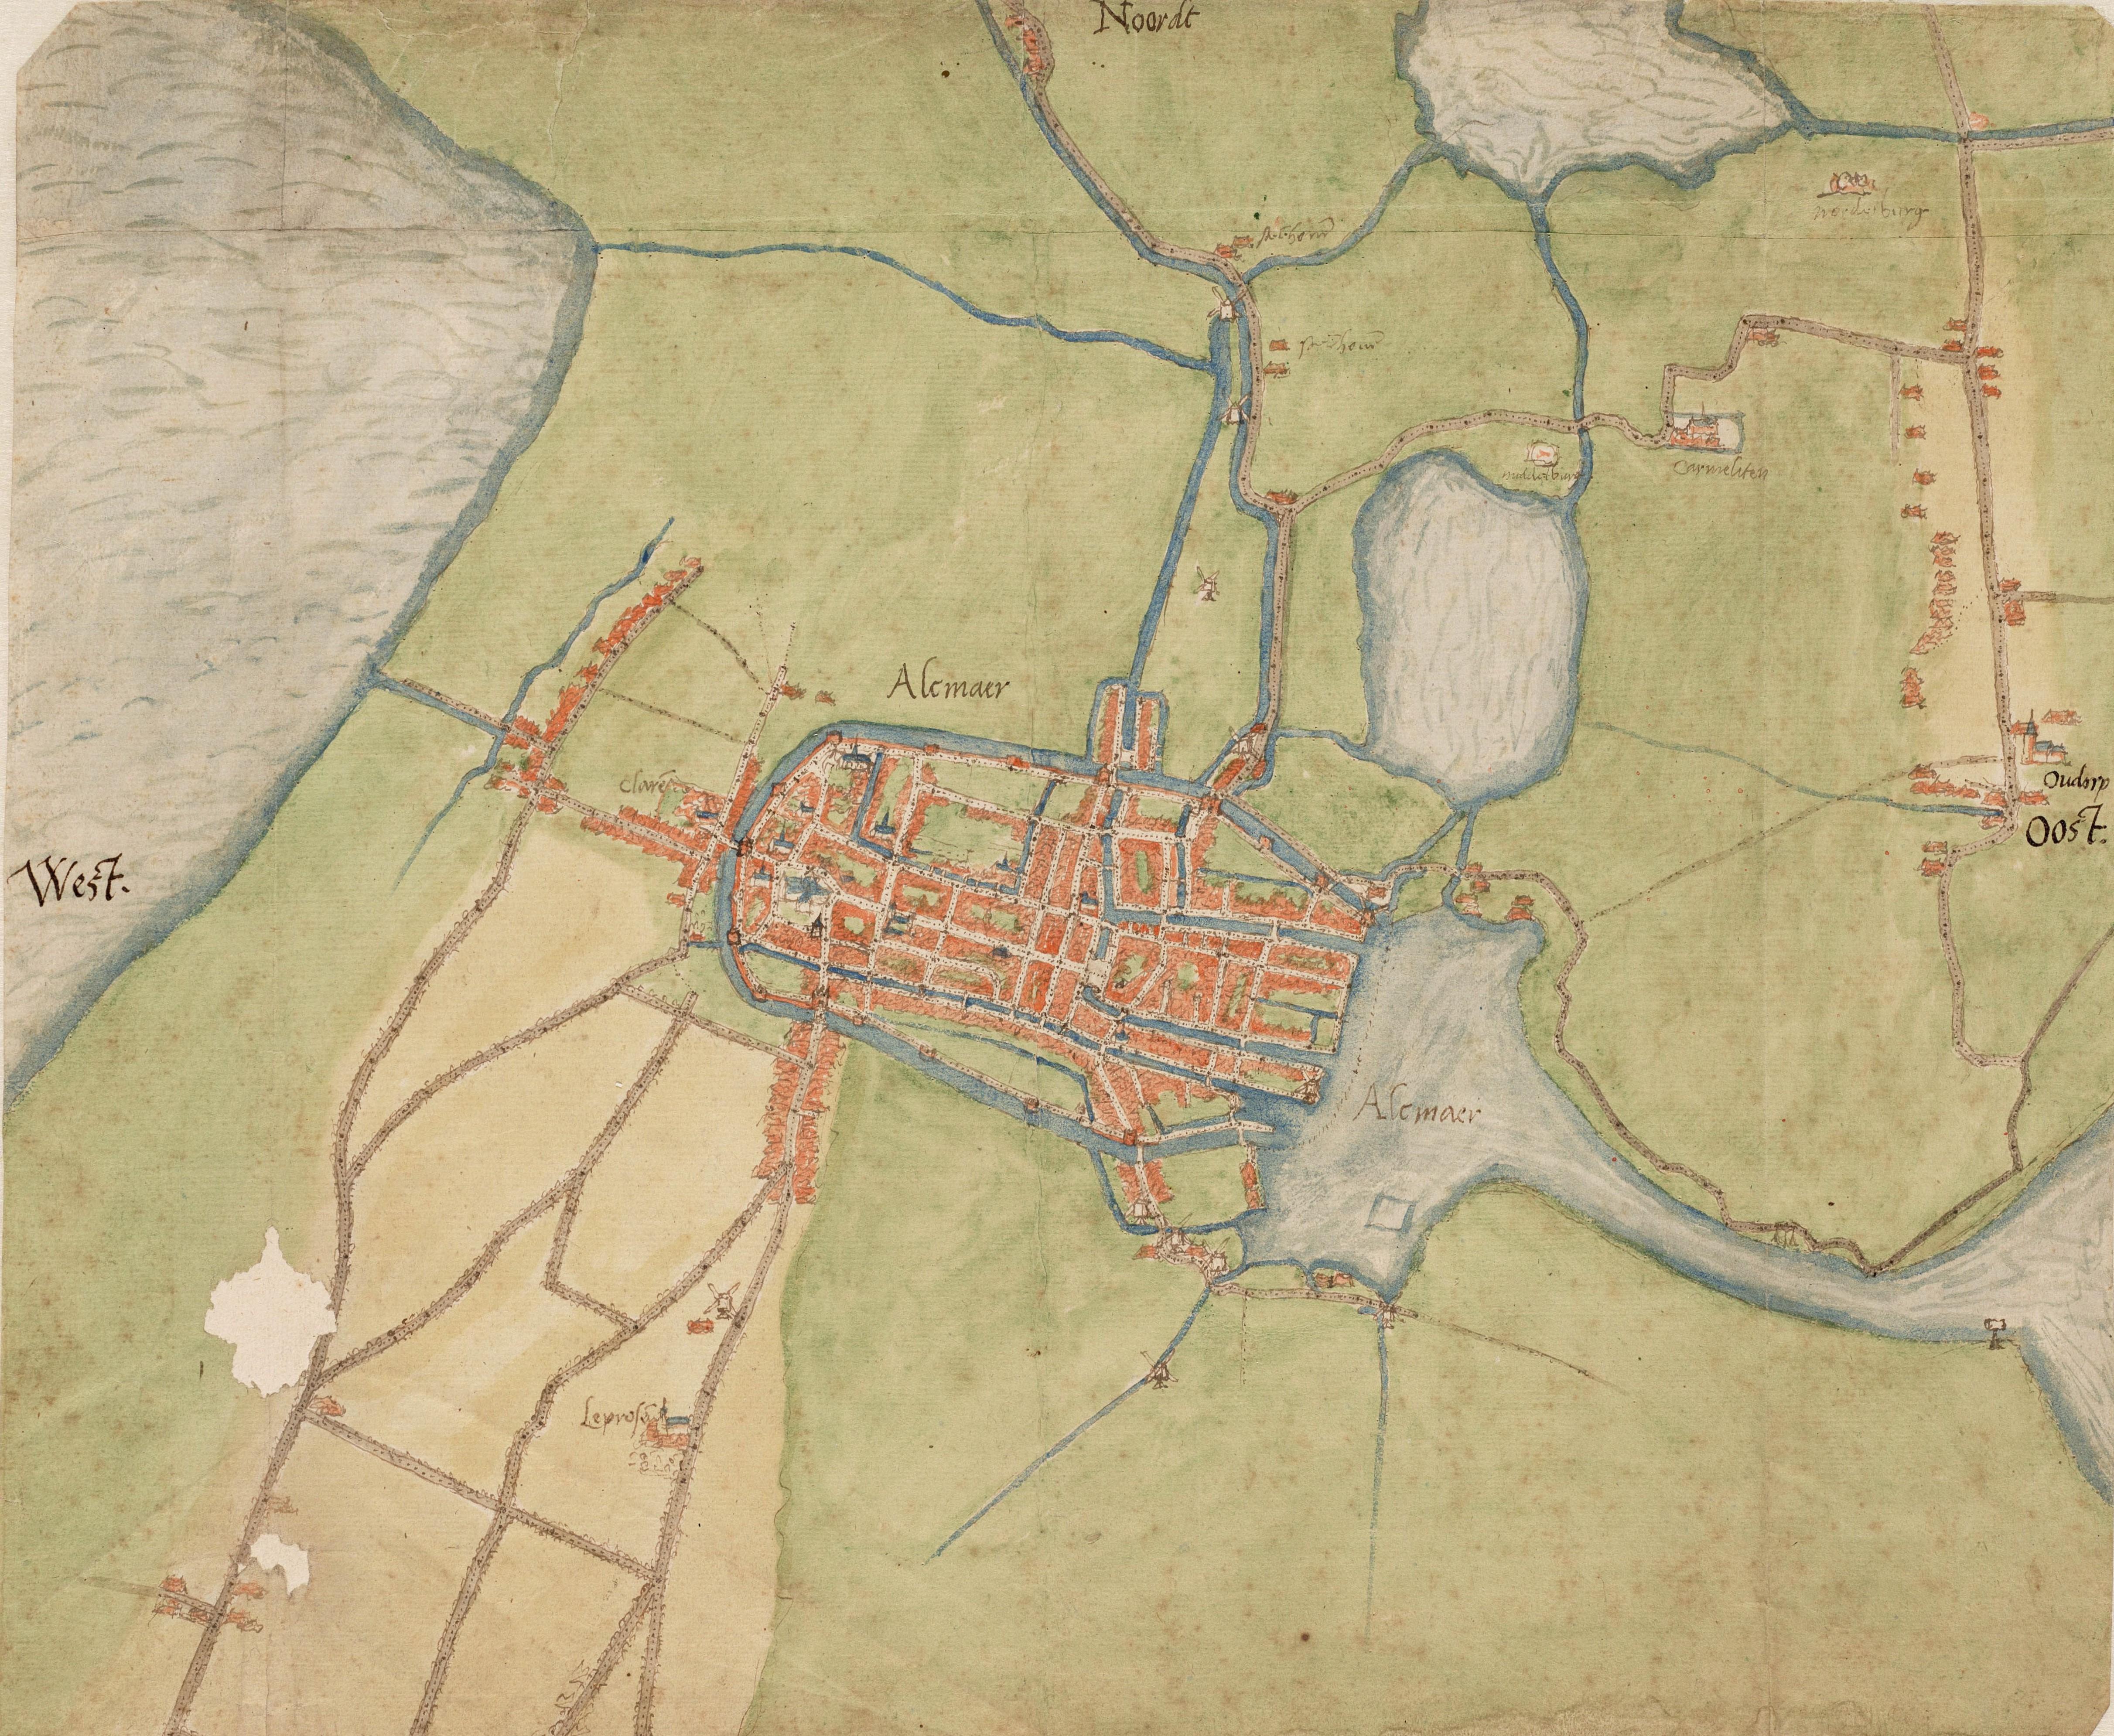 Historische kaarten centraal tijdens Historisch Café te Alkmaar. (Foto: aangeleverd)